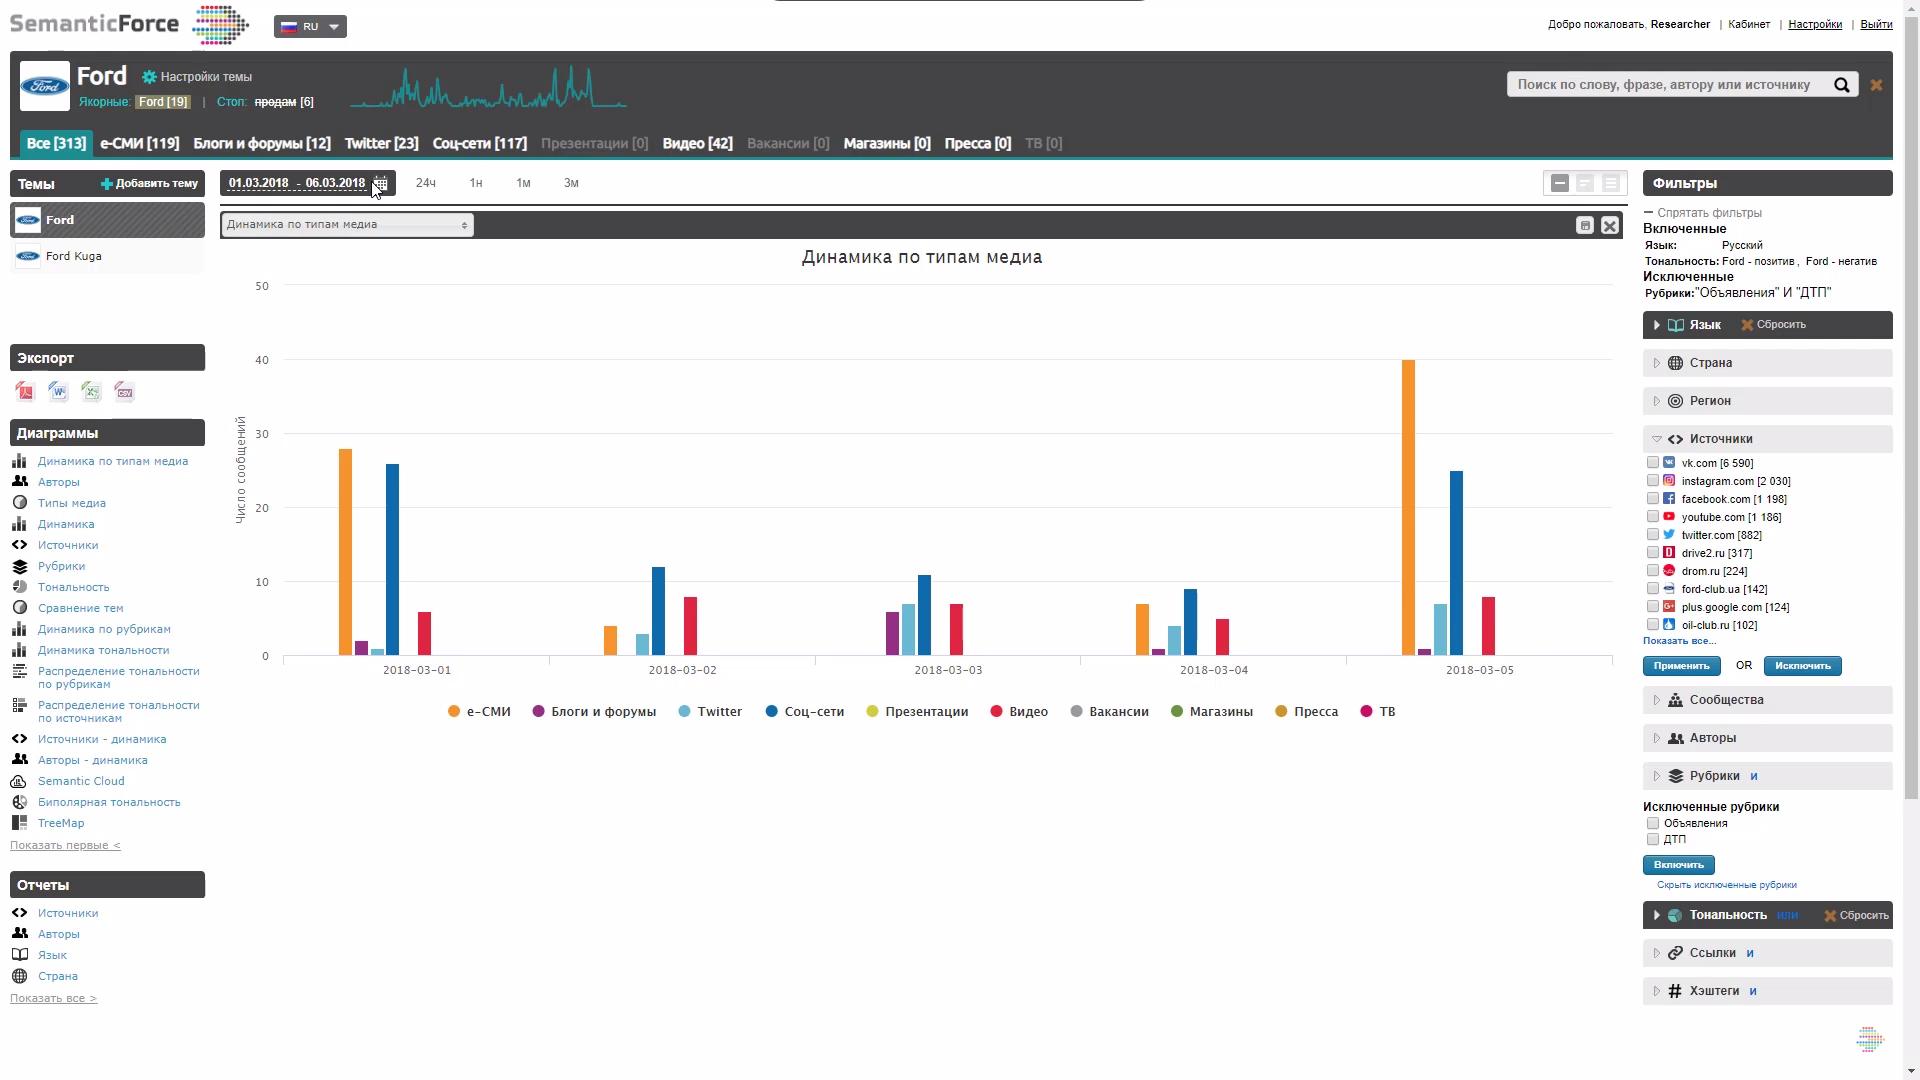 Аналитика каналов и динамика сообщений в соцмедиа и СМИ в программе SemanticForce